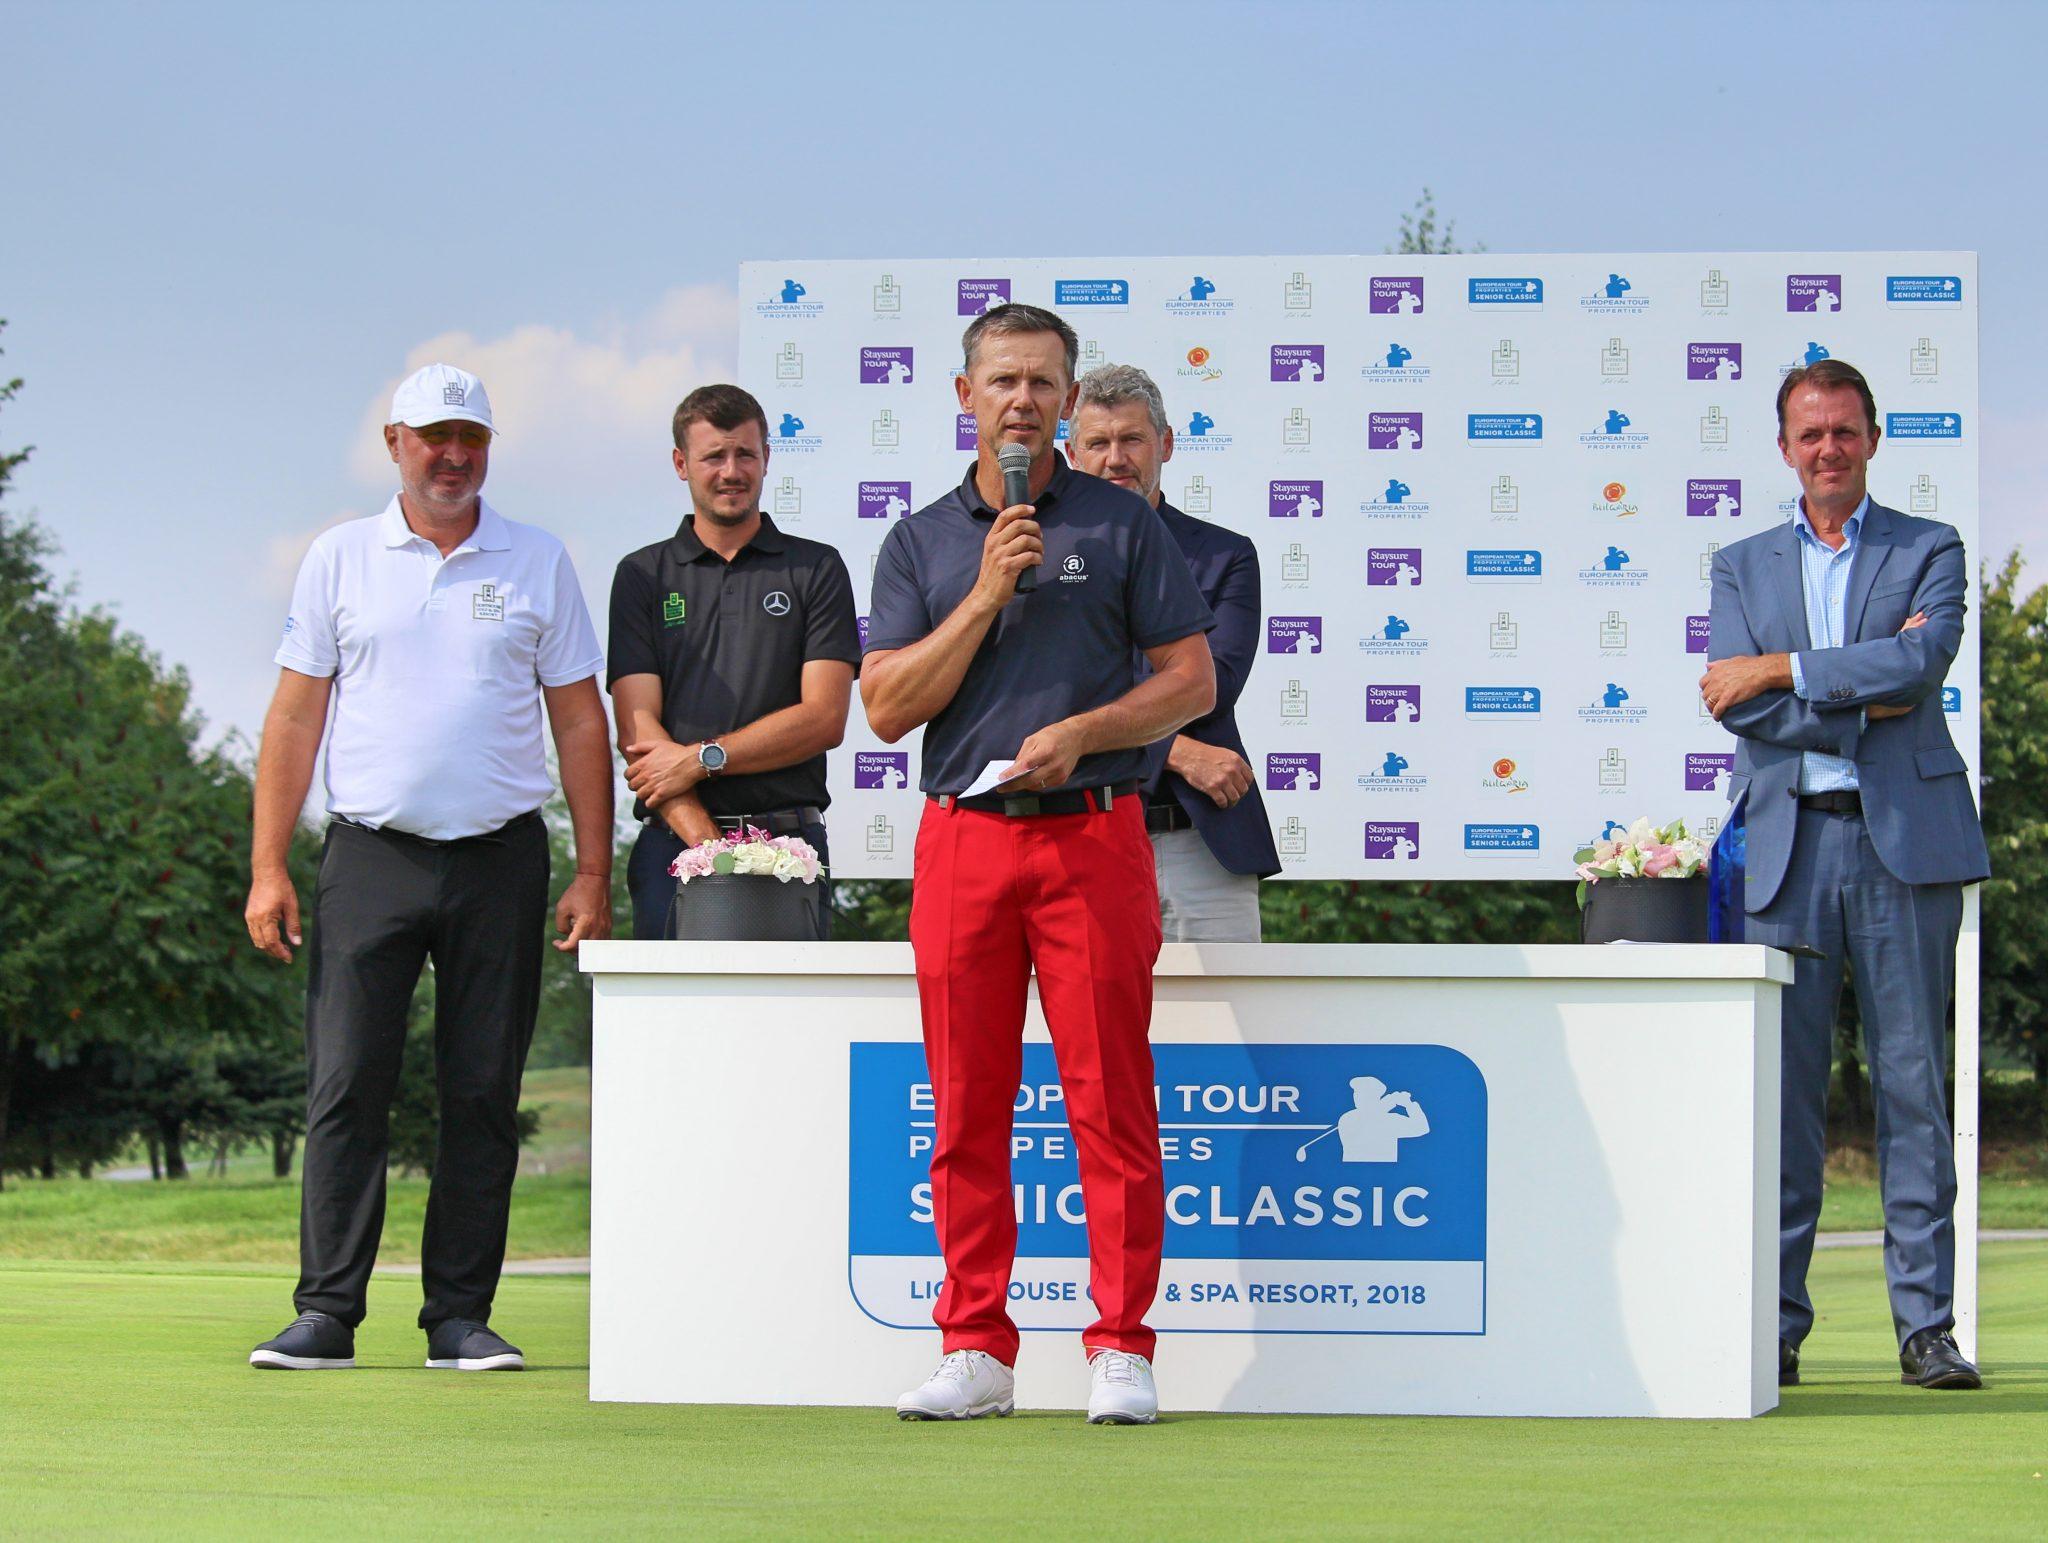 Magnus P Atlevi won European Tour Properties Senior Classic